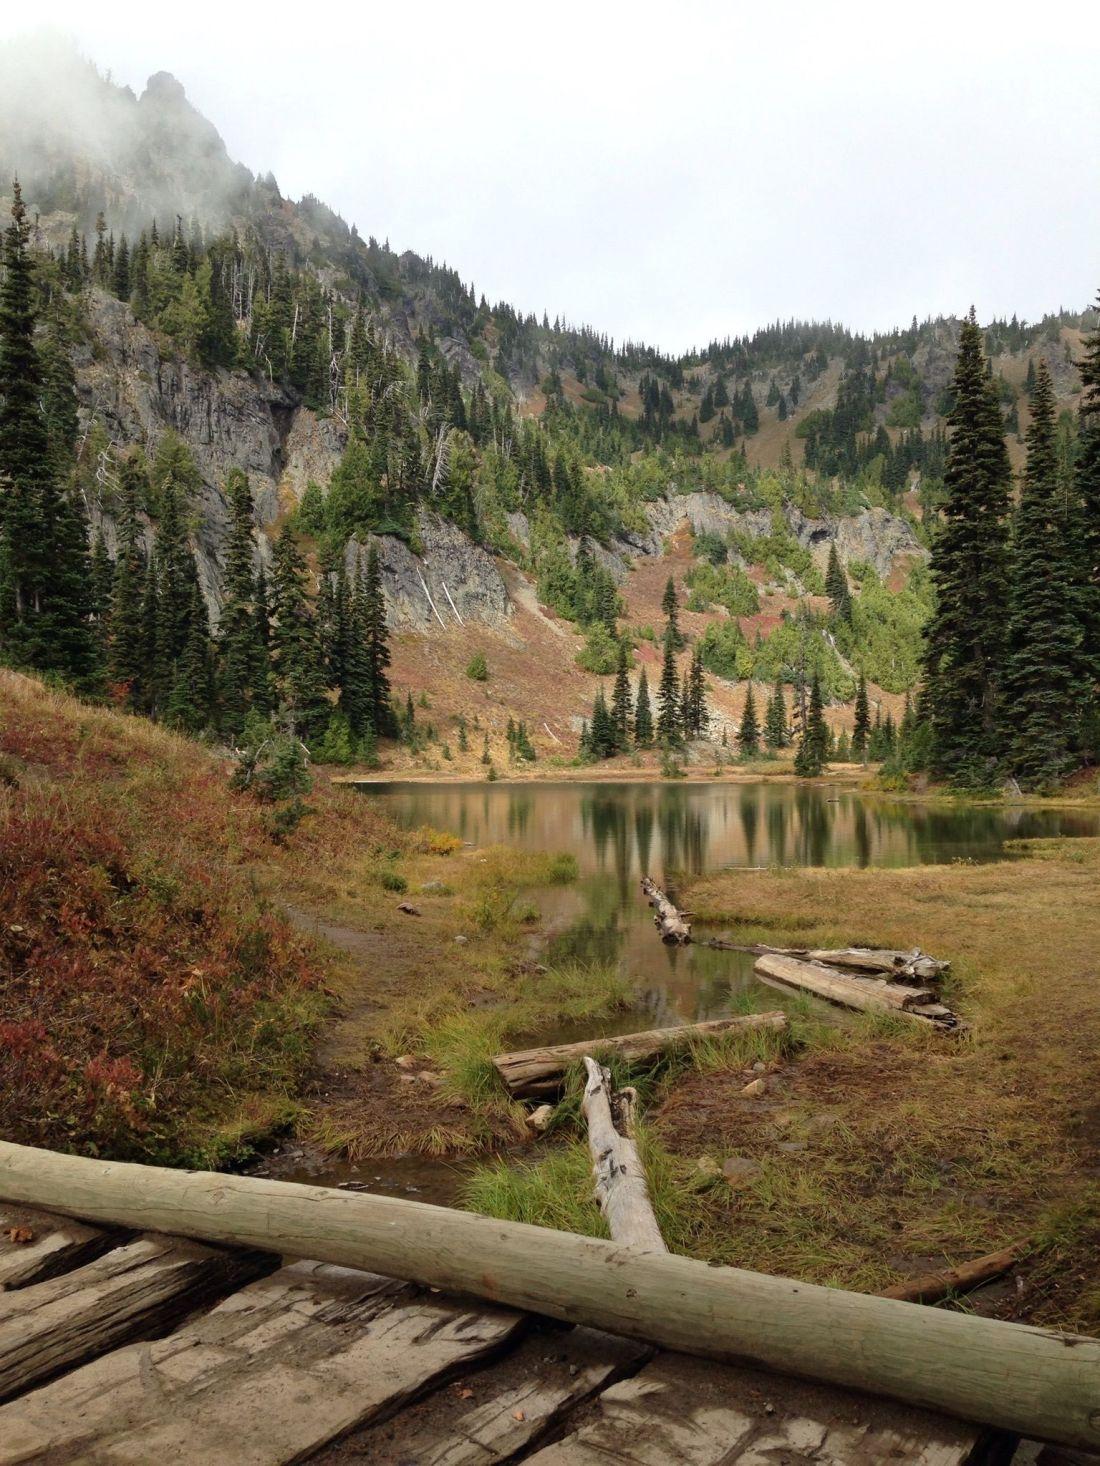 sheep-lake-and-sourdough-gap-trail